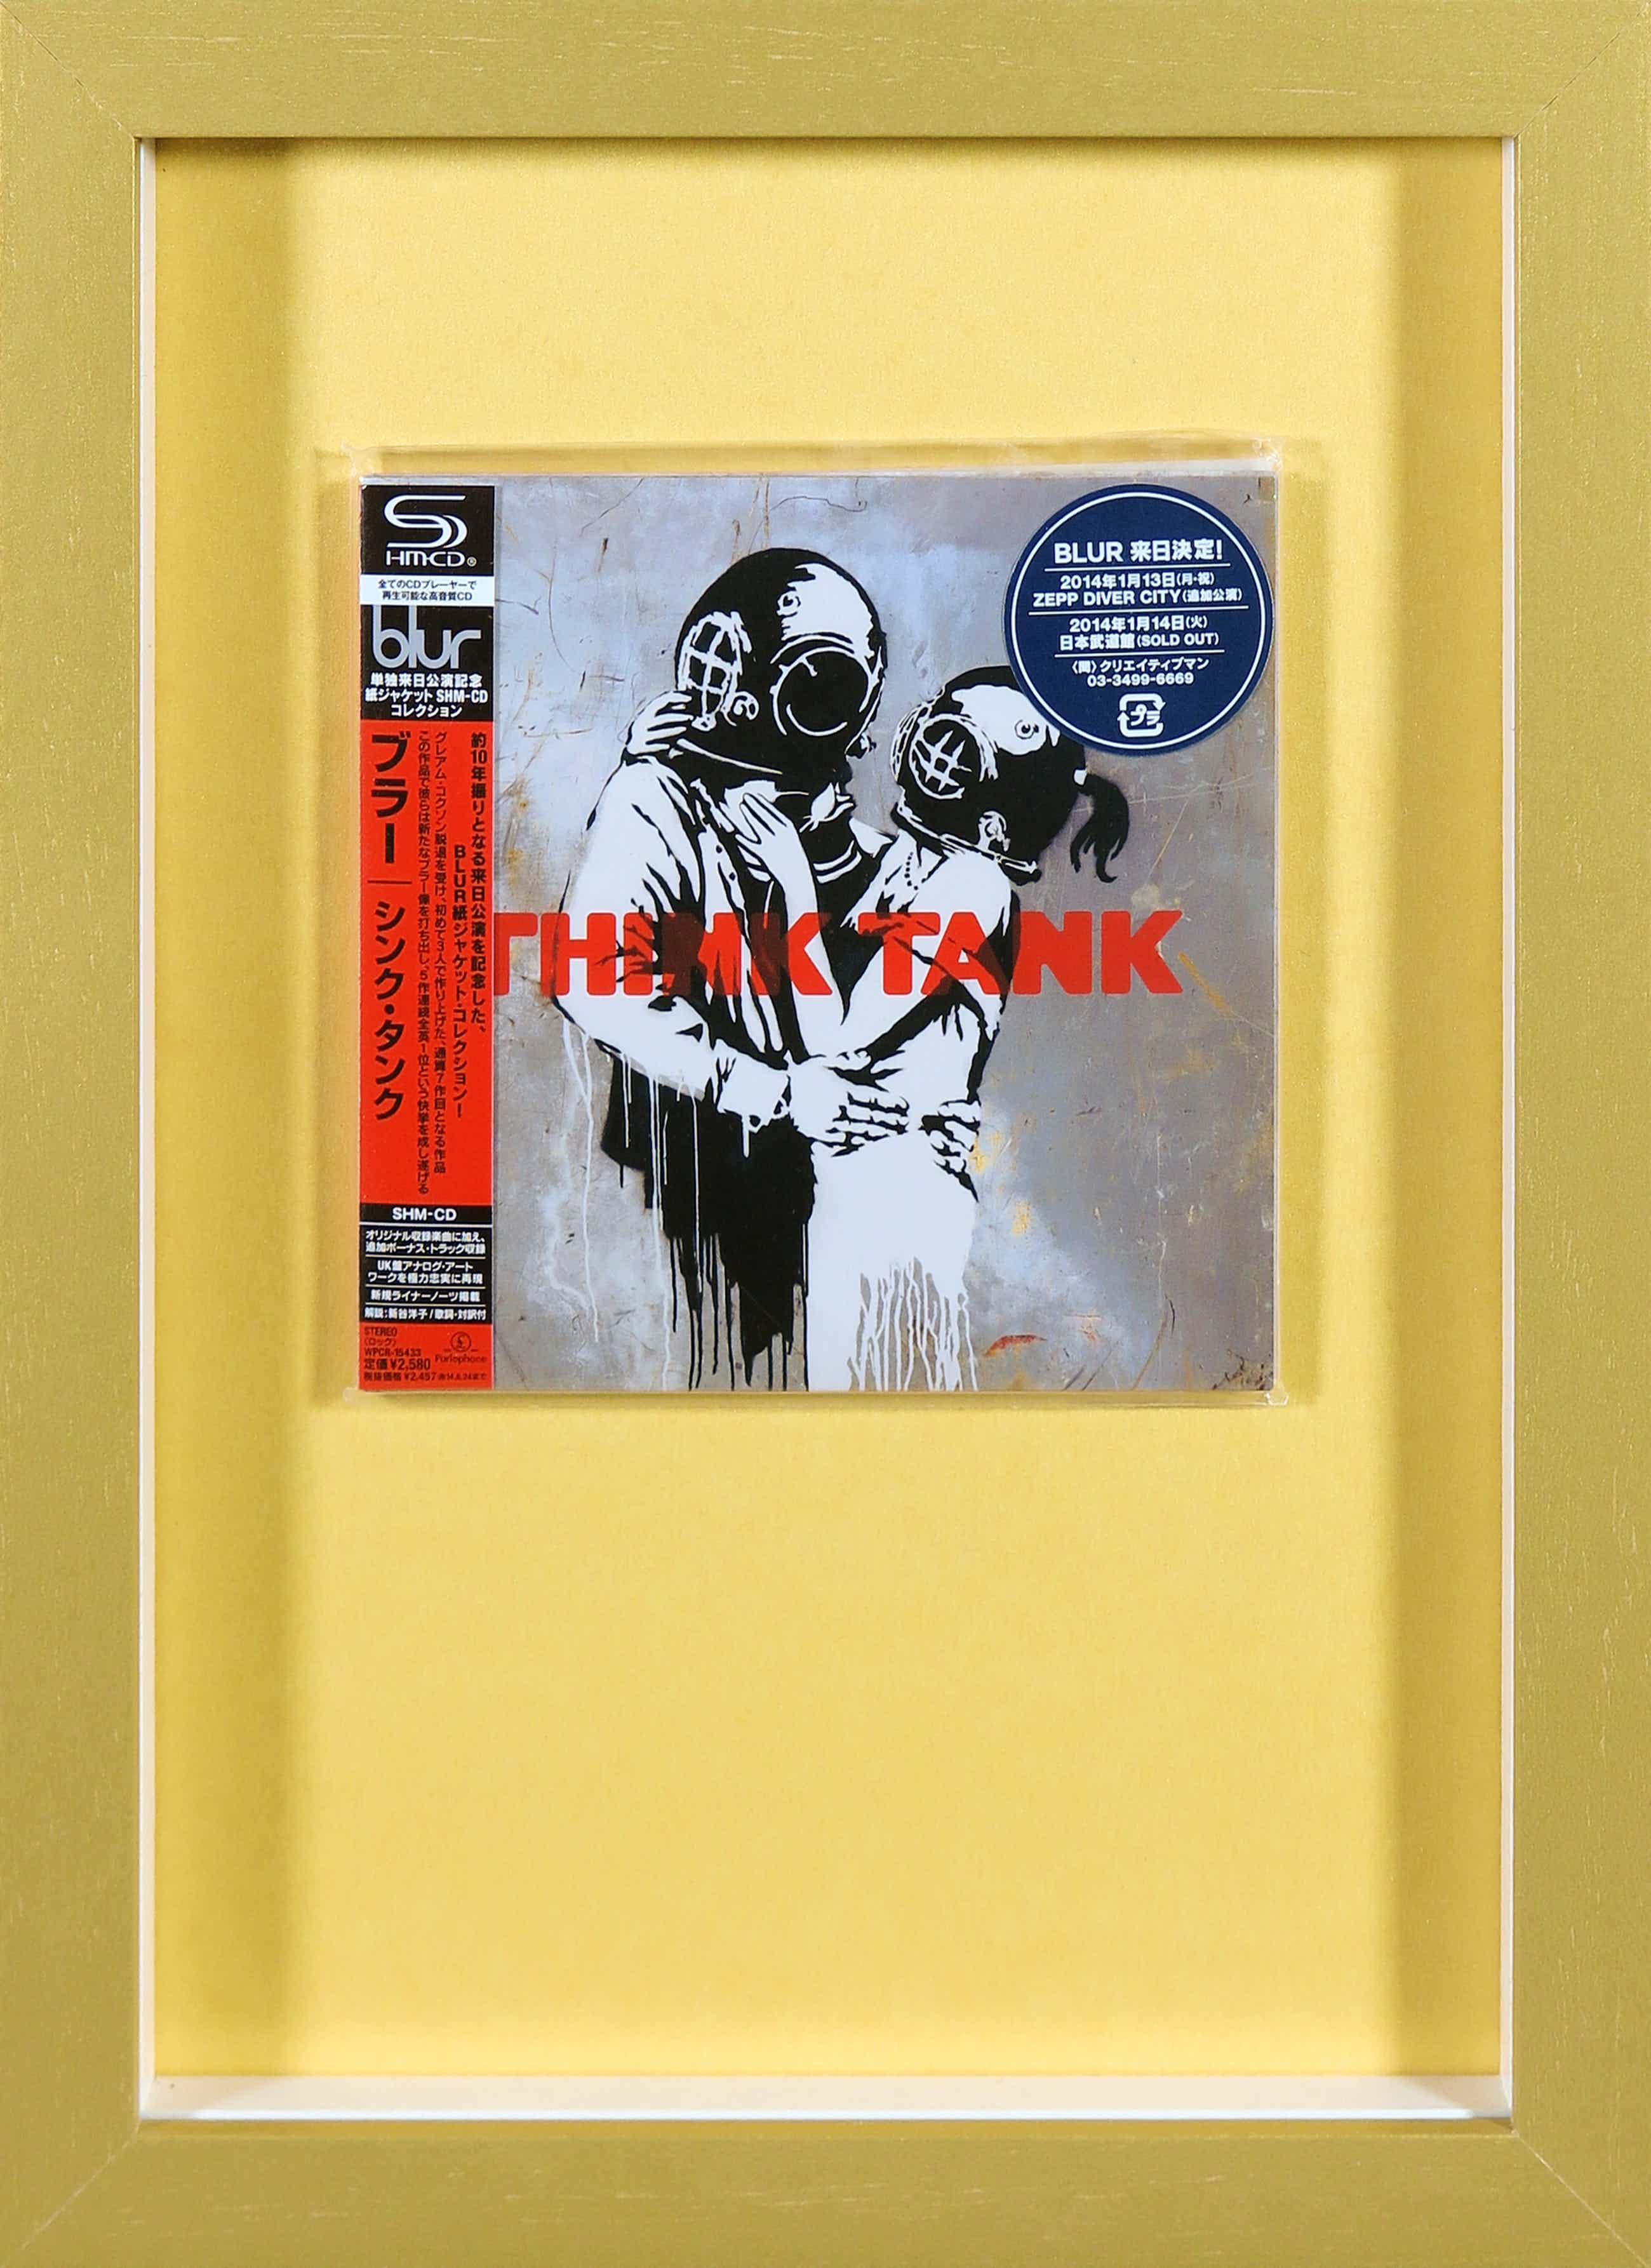 Banksy - Blur - Think Tank (CD) kopen? Bied vanaf 30!